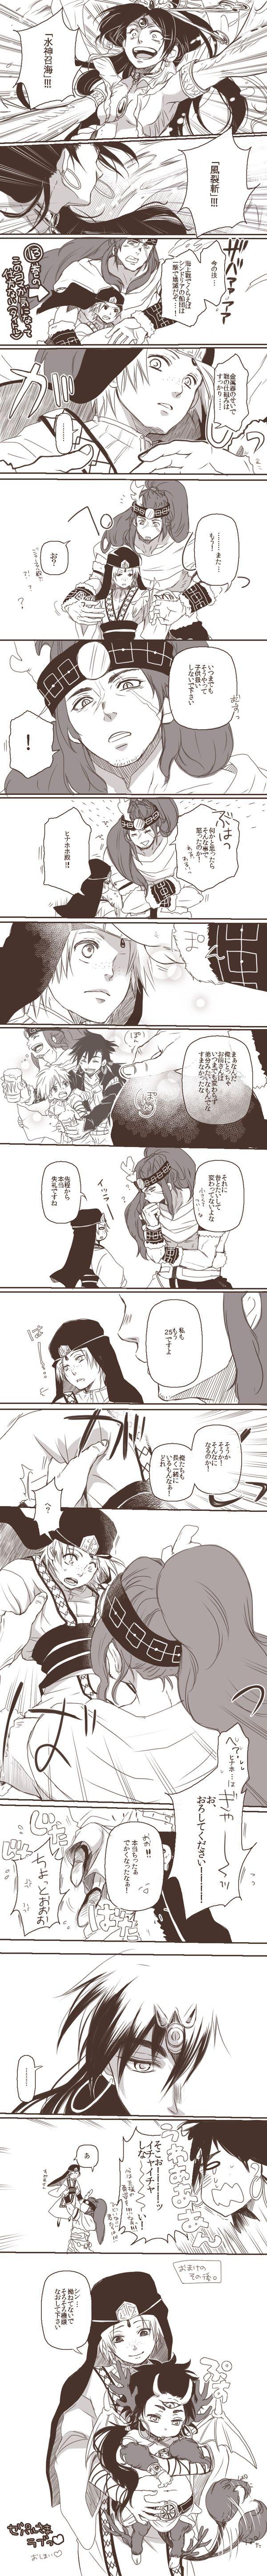 「【微腐】マギ ジャーファルさんまとめ」/「まいこ」の漫画 [pixiv]